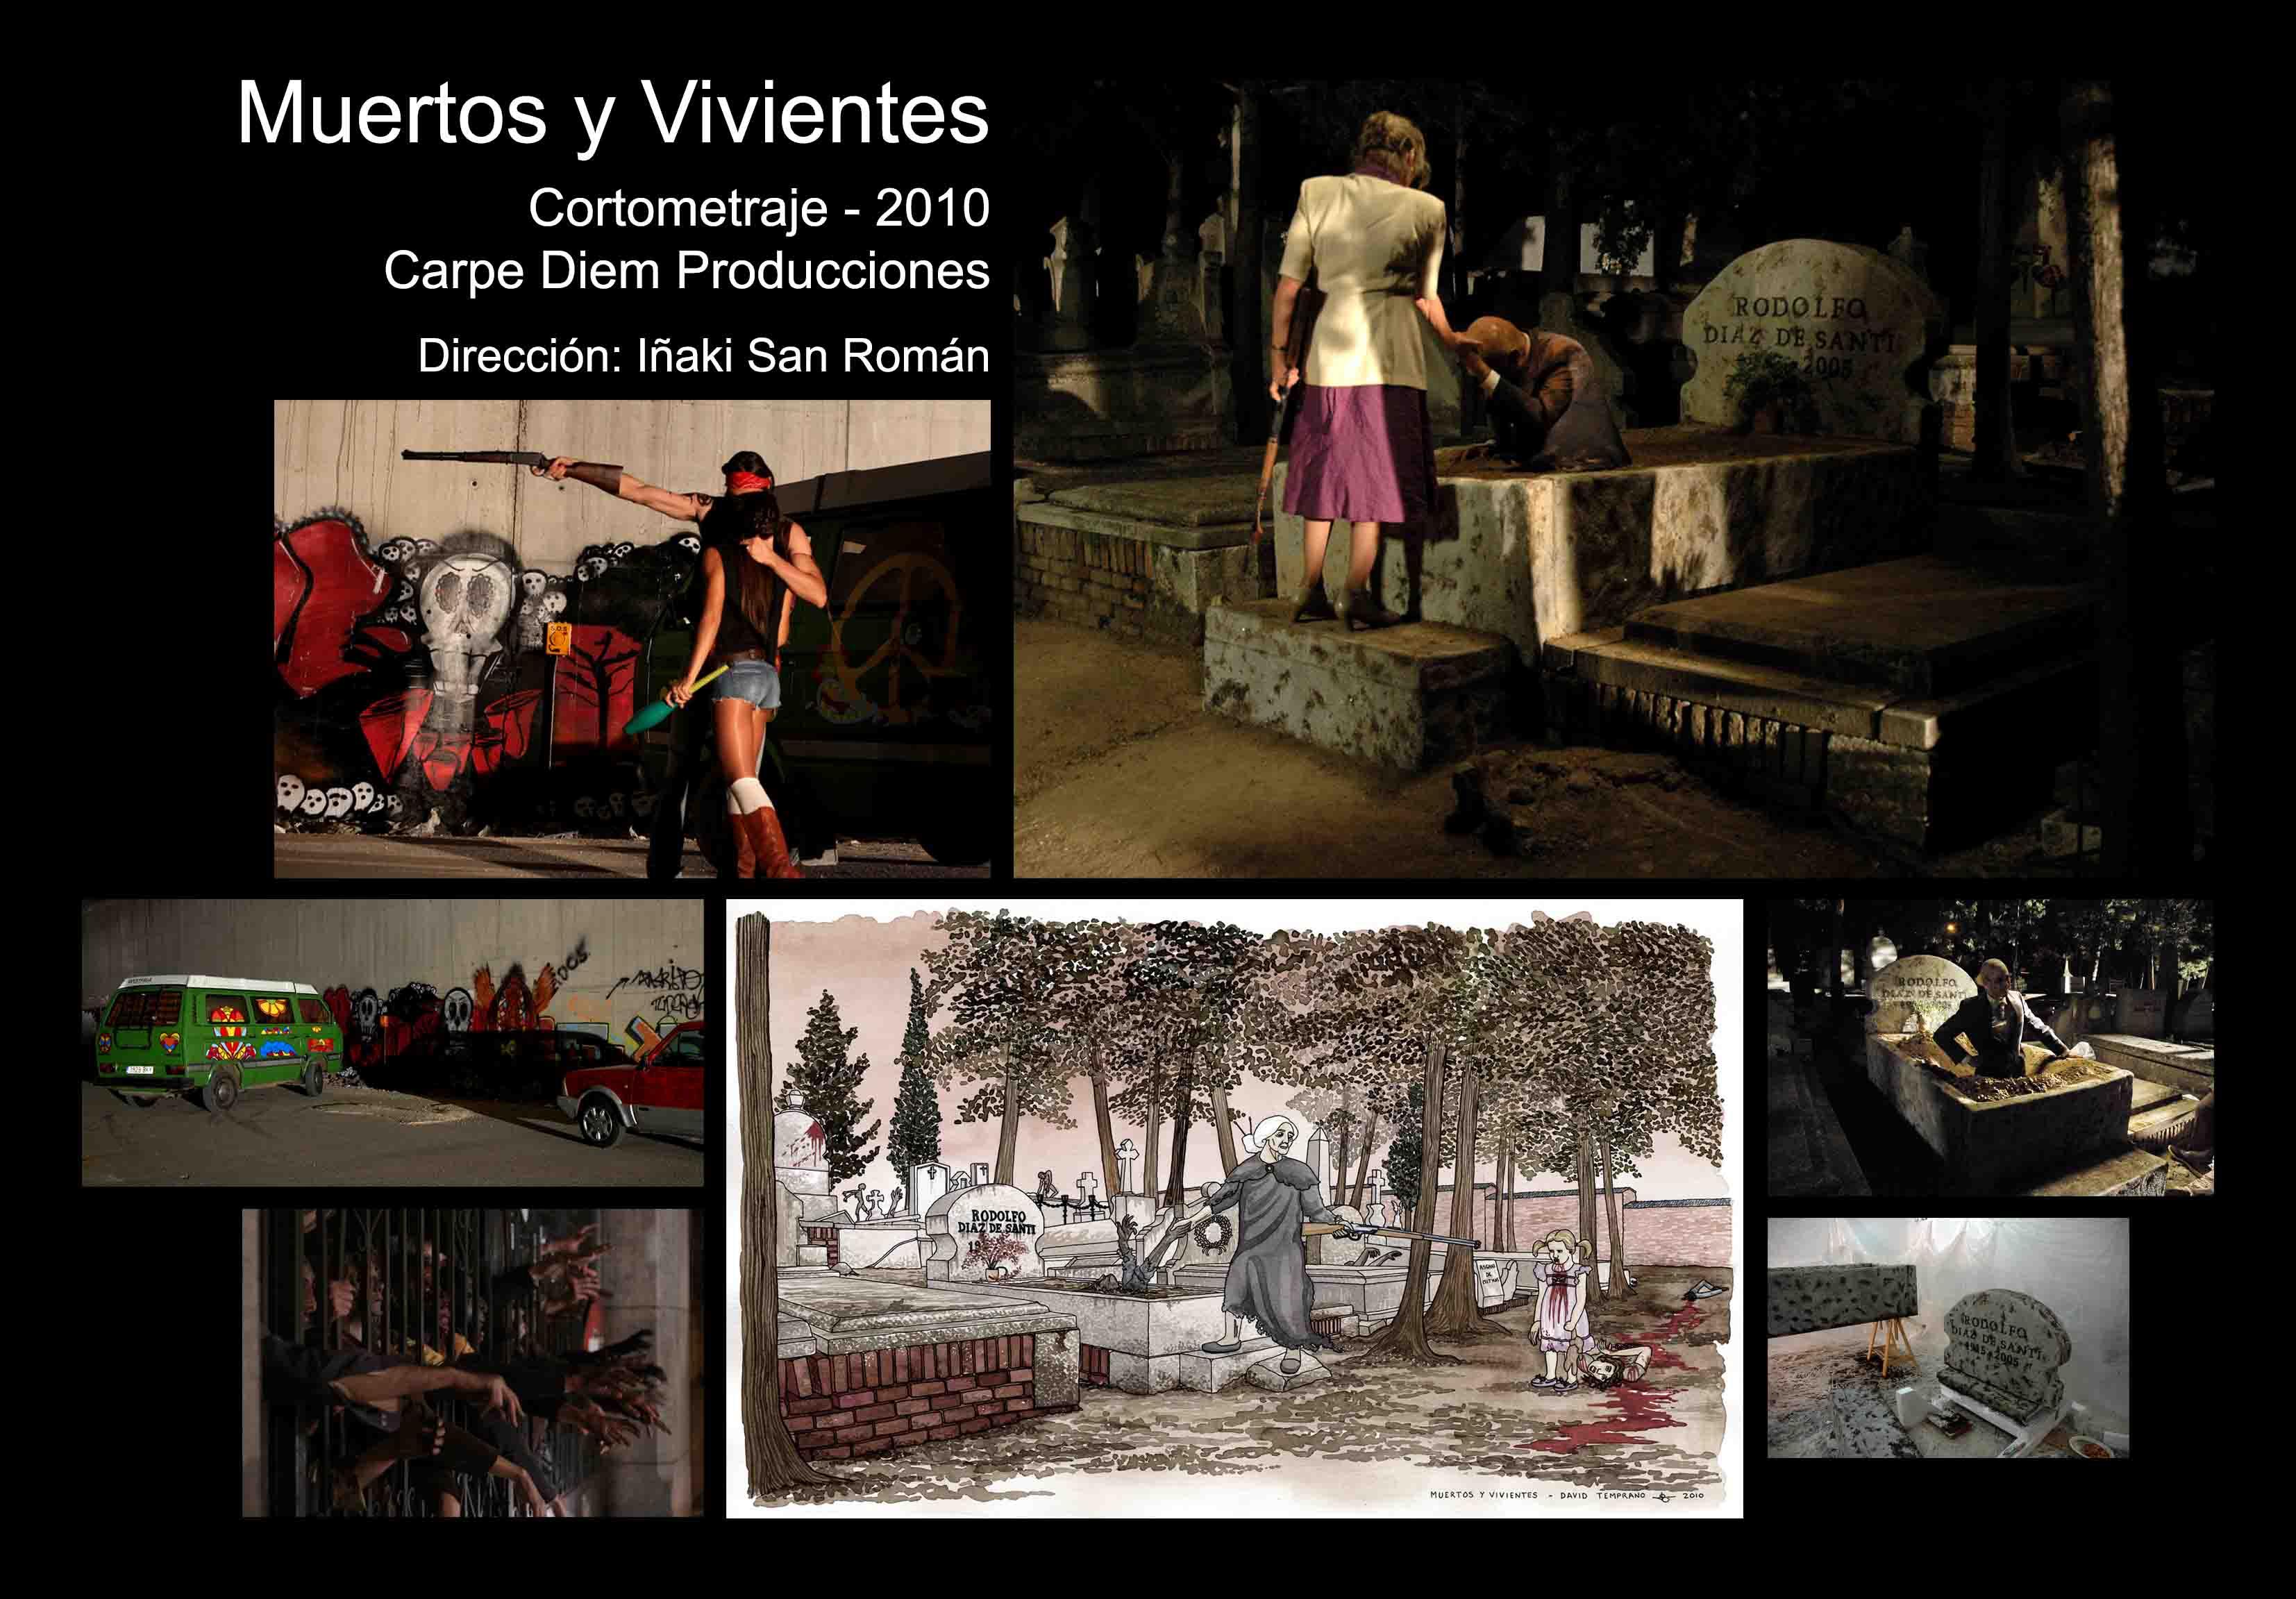 David Temprano c2010 Muertos y Vivientes 1